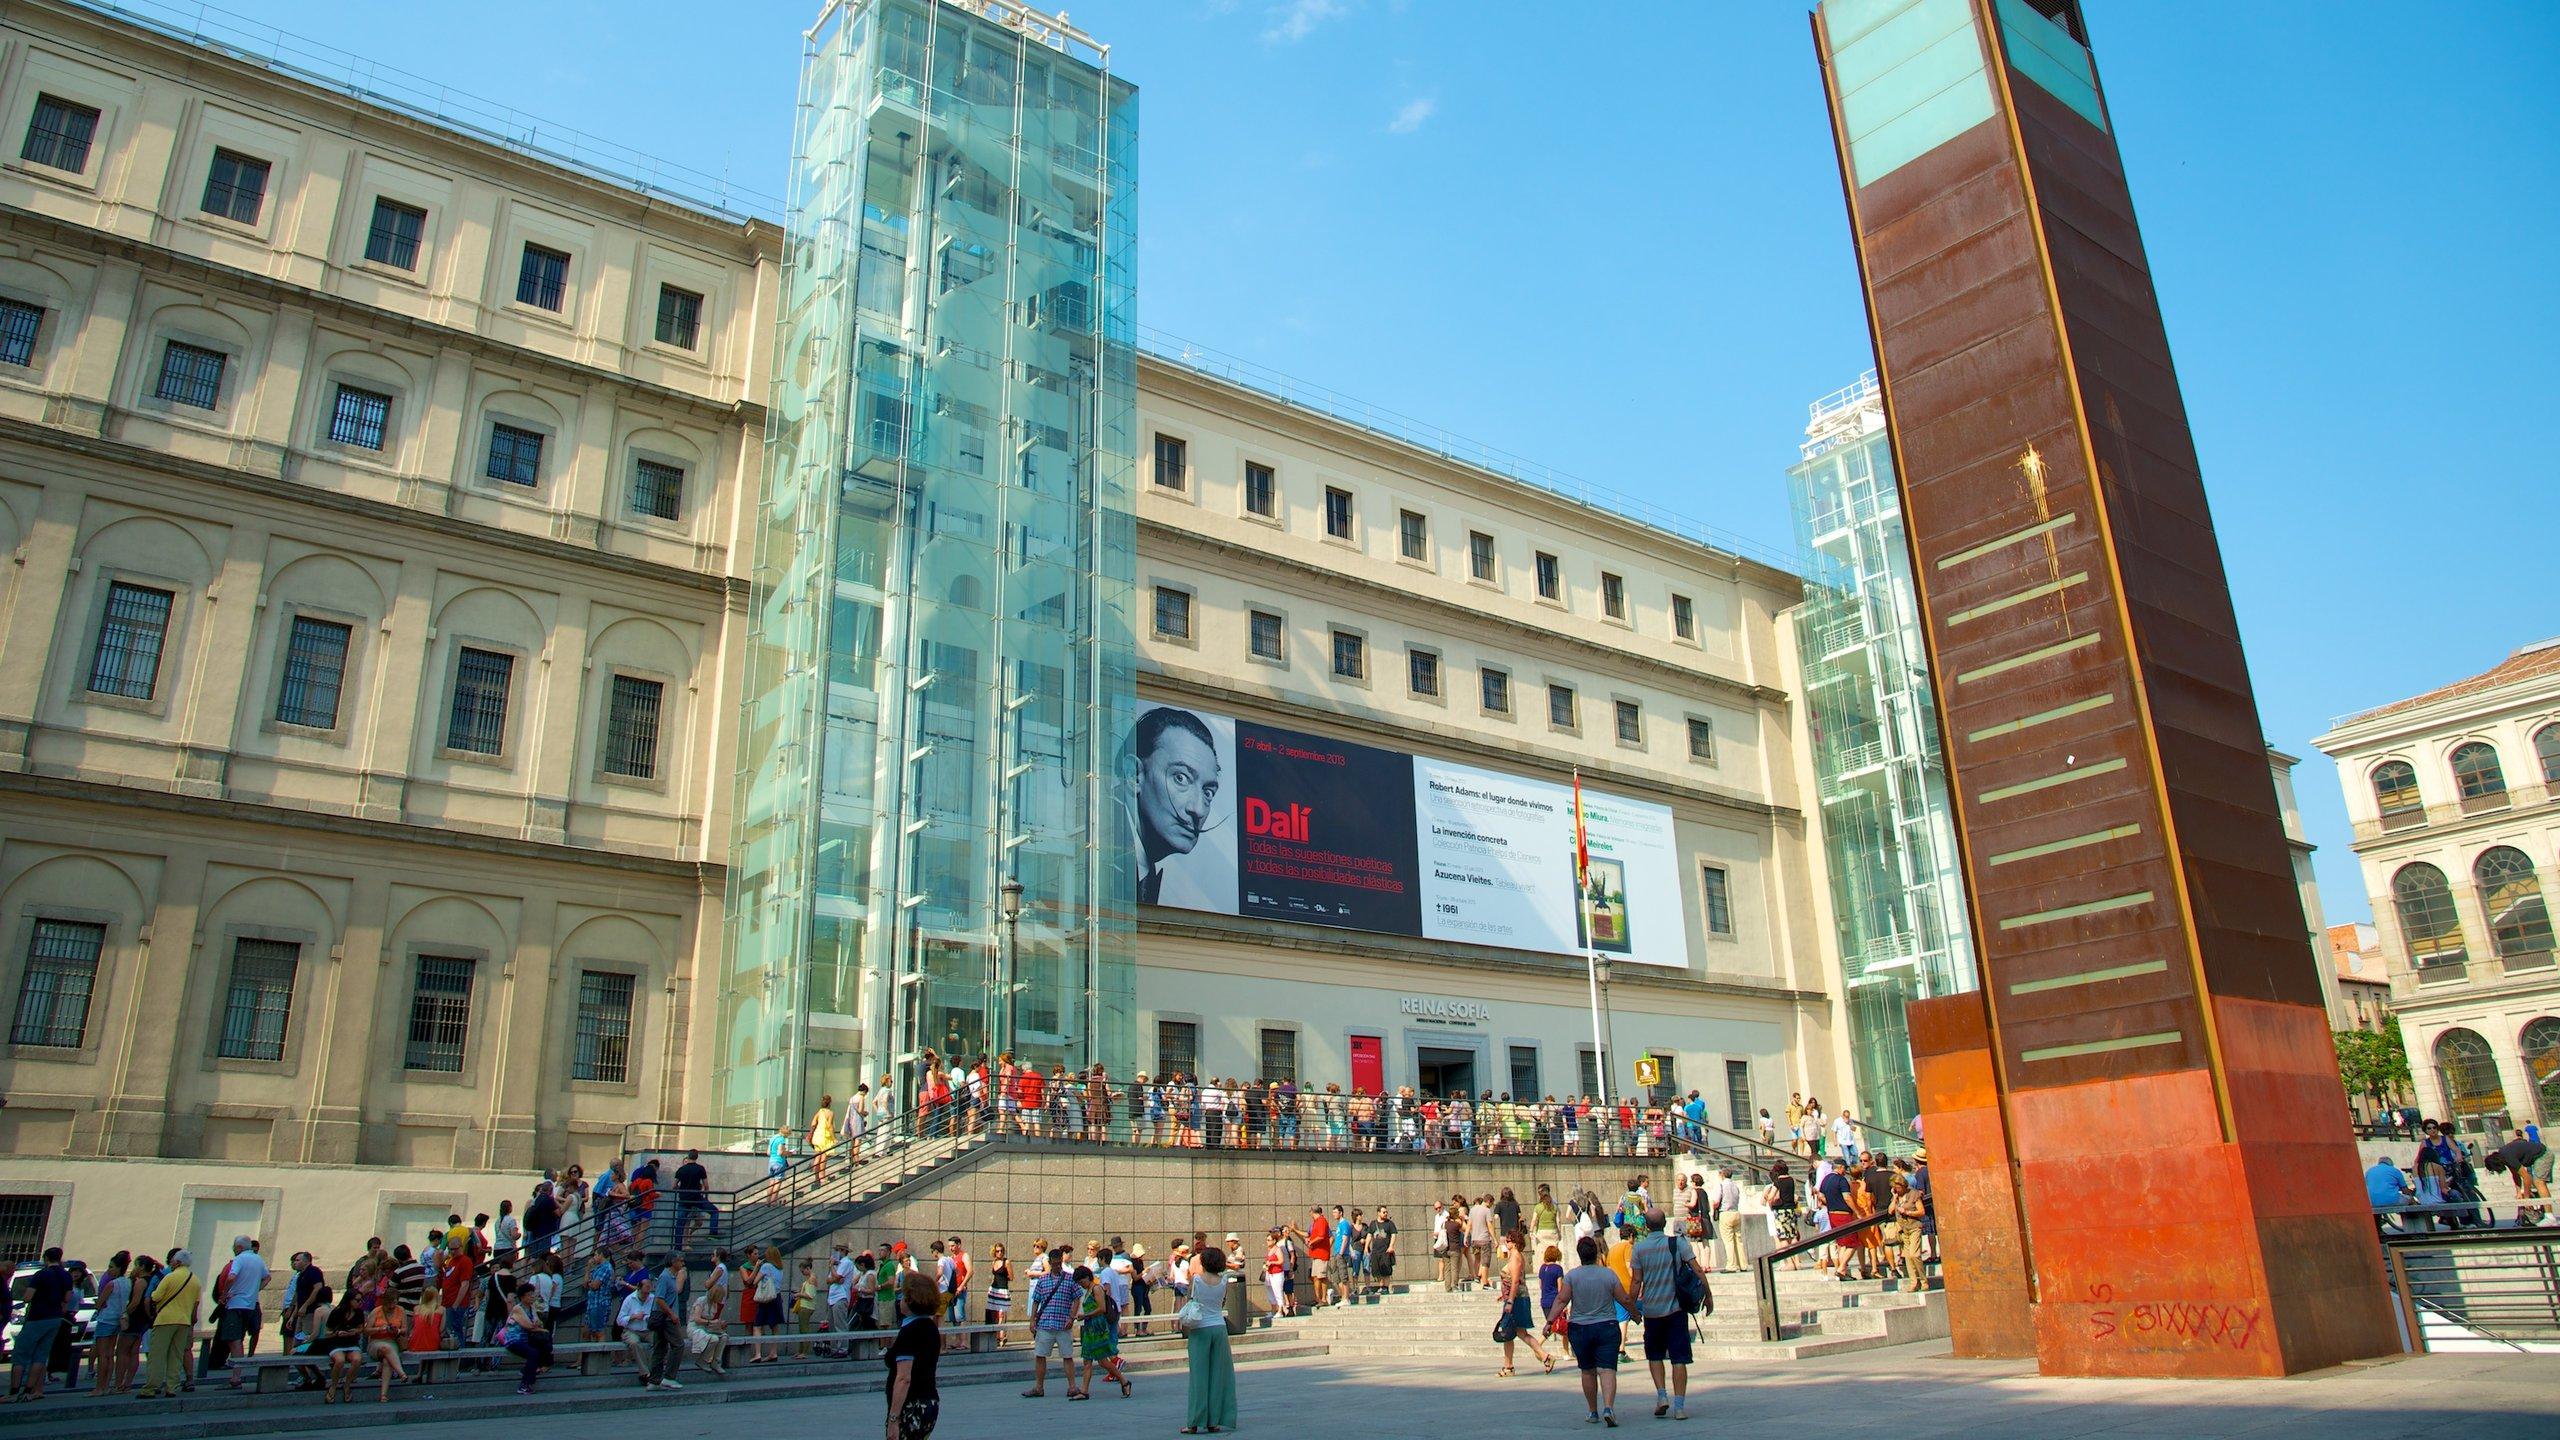 10 Best Hotels Closest To Museo Nacional Centro De Arte Reina Sofia